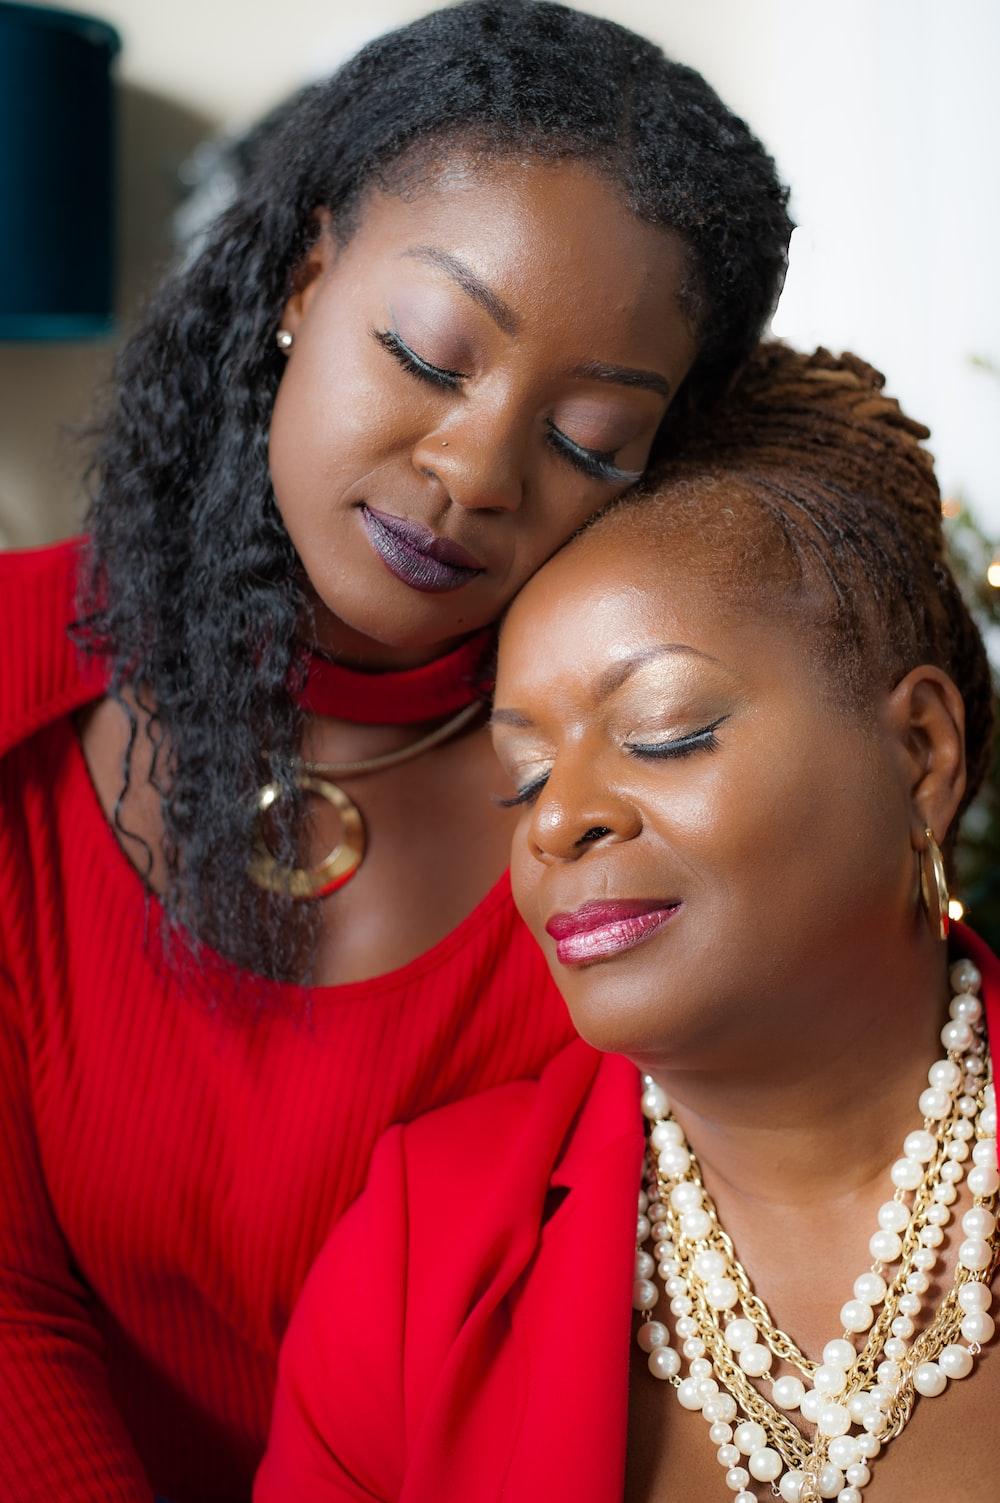 woman in red shirt beside woman in gold earrings